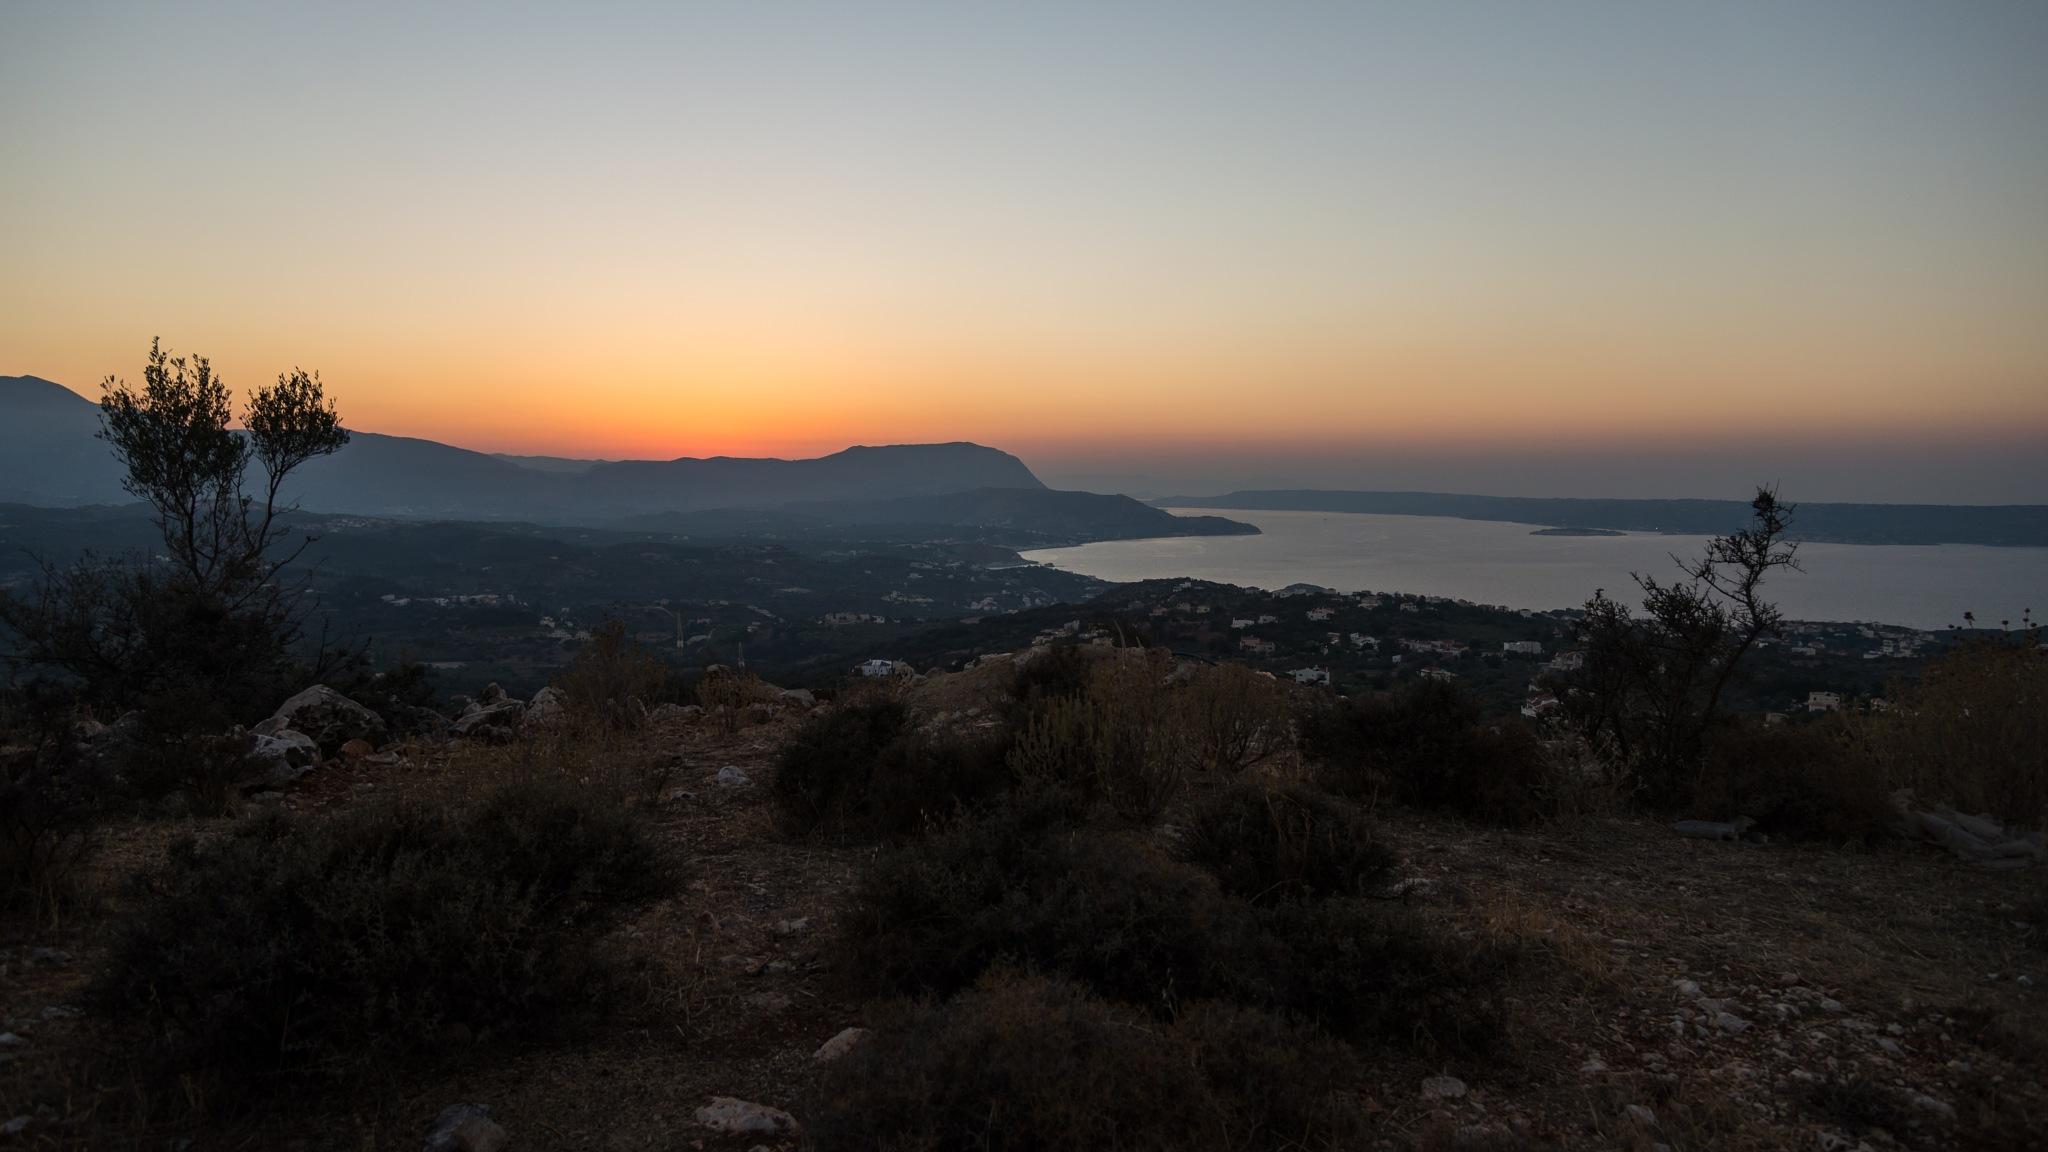 Crete 2016 by KatrienVanIsacker